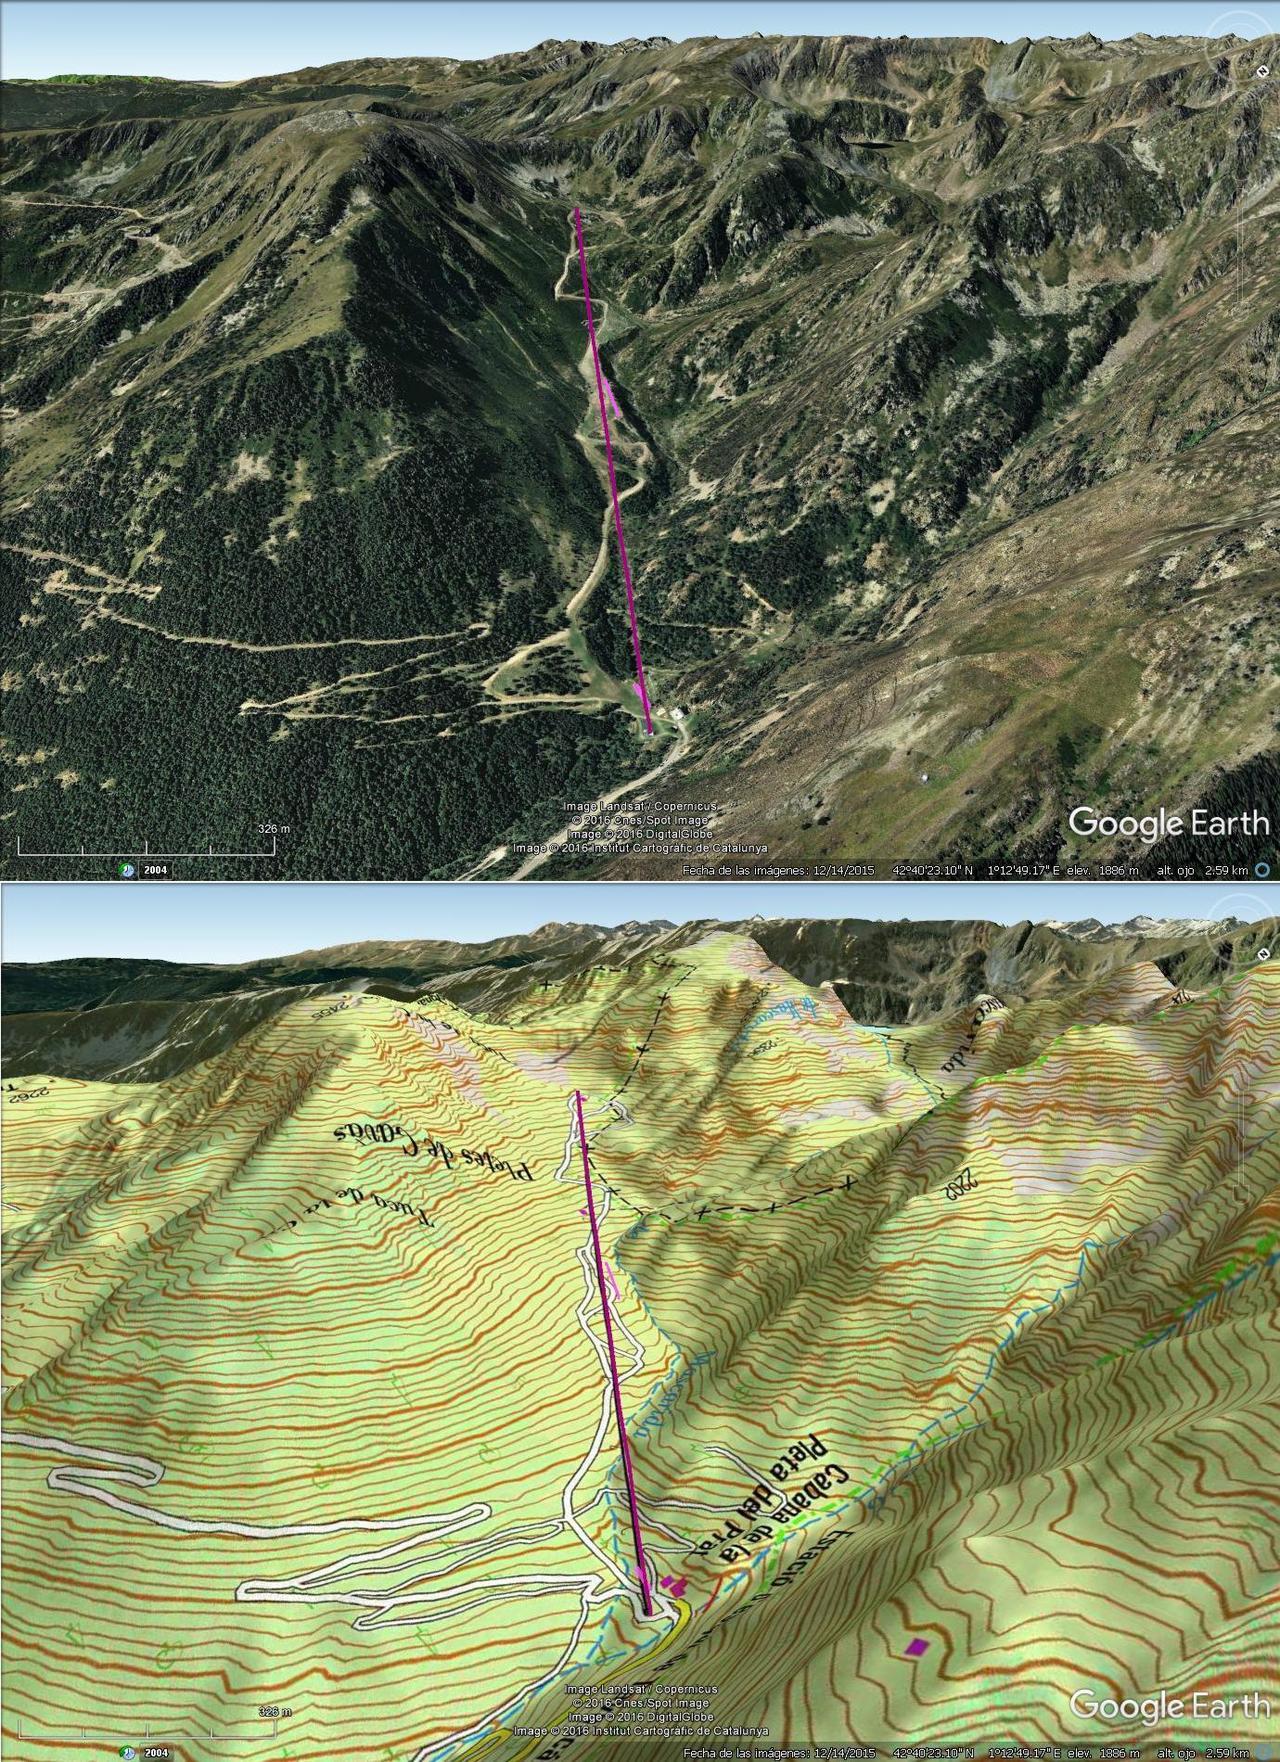 Vistas Google Earth Tavascàn 2016-17